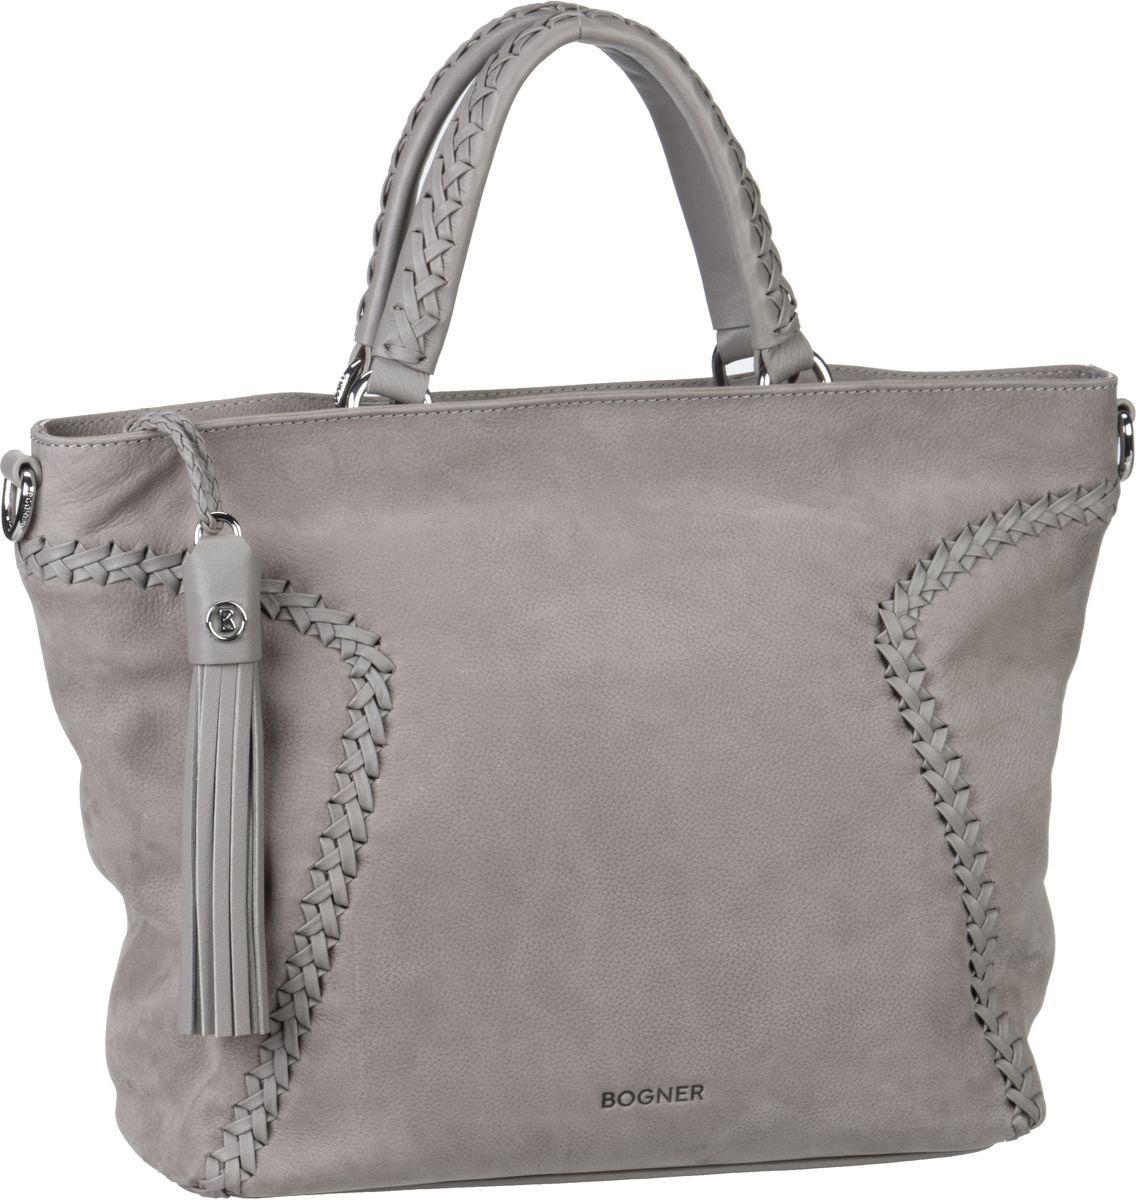 Handtaschen für Frauen - Bogner Arizona Serena Dusk Handtasche  - Onlineshop Taschenkaufhaus